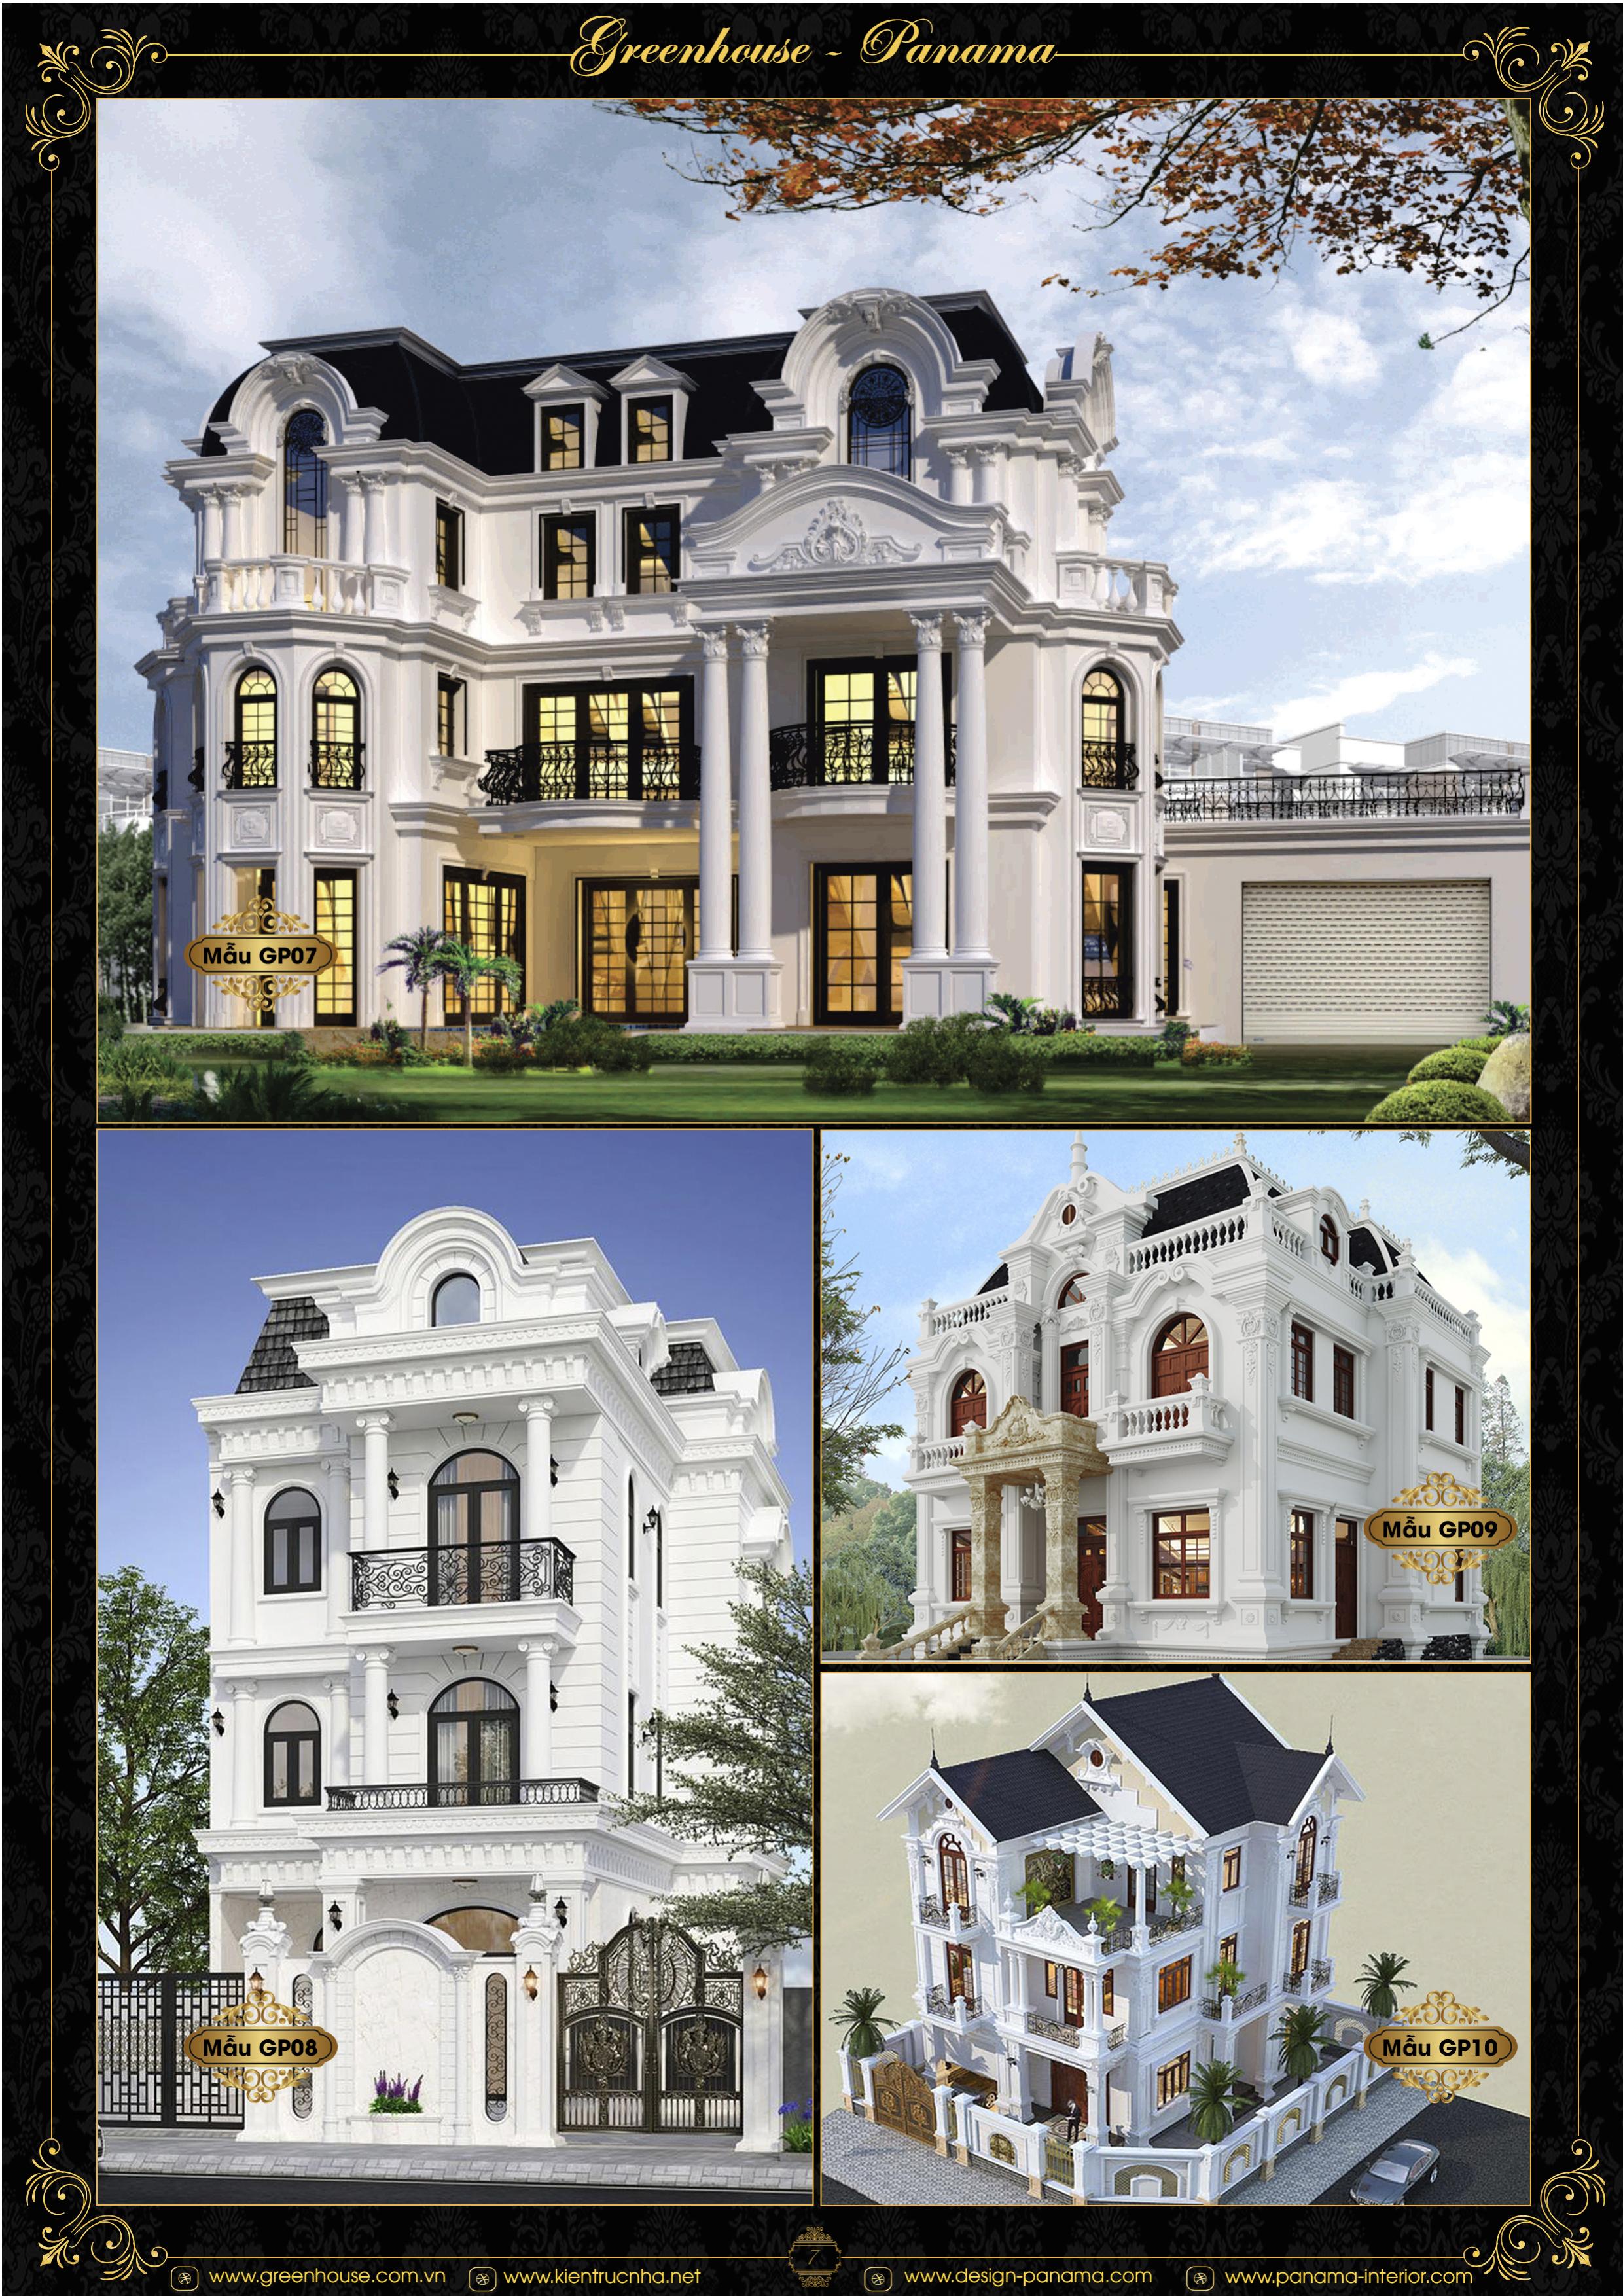 Mẫu thiết kế biệt thự tân cổ điển đẹp trường tồn với thời gian